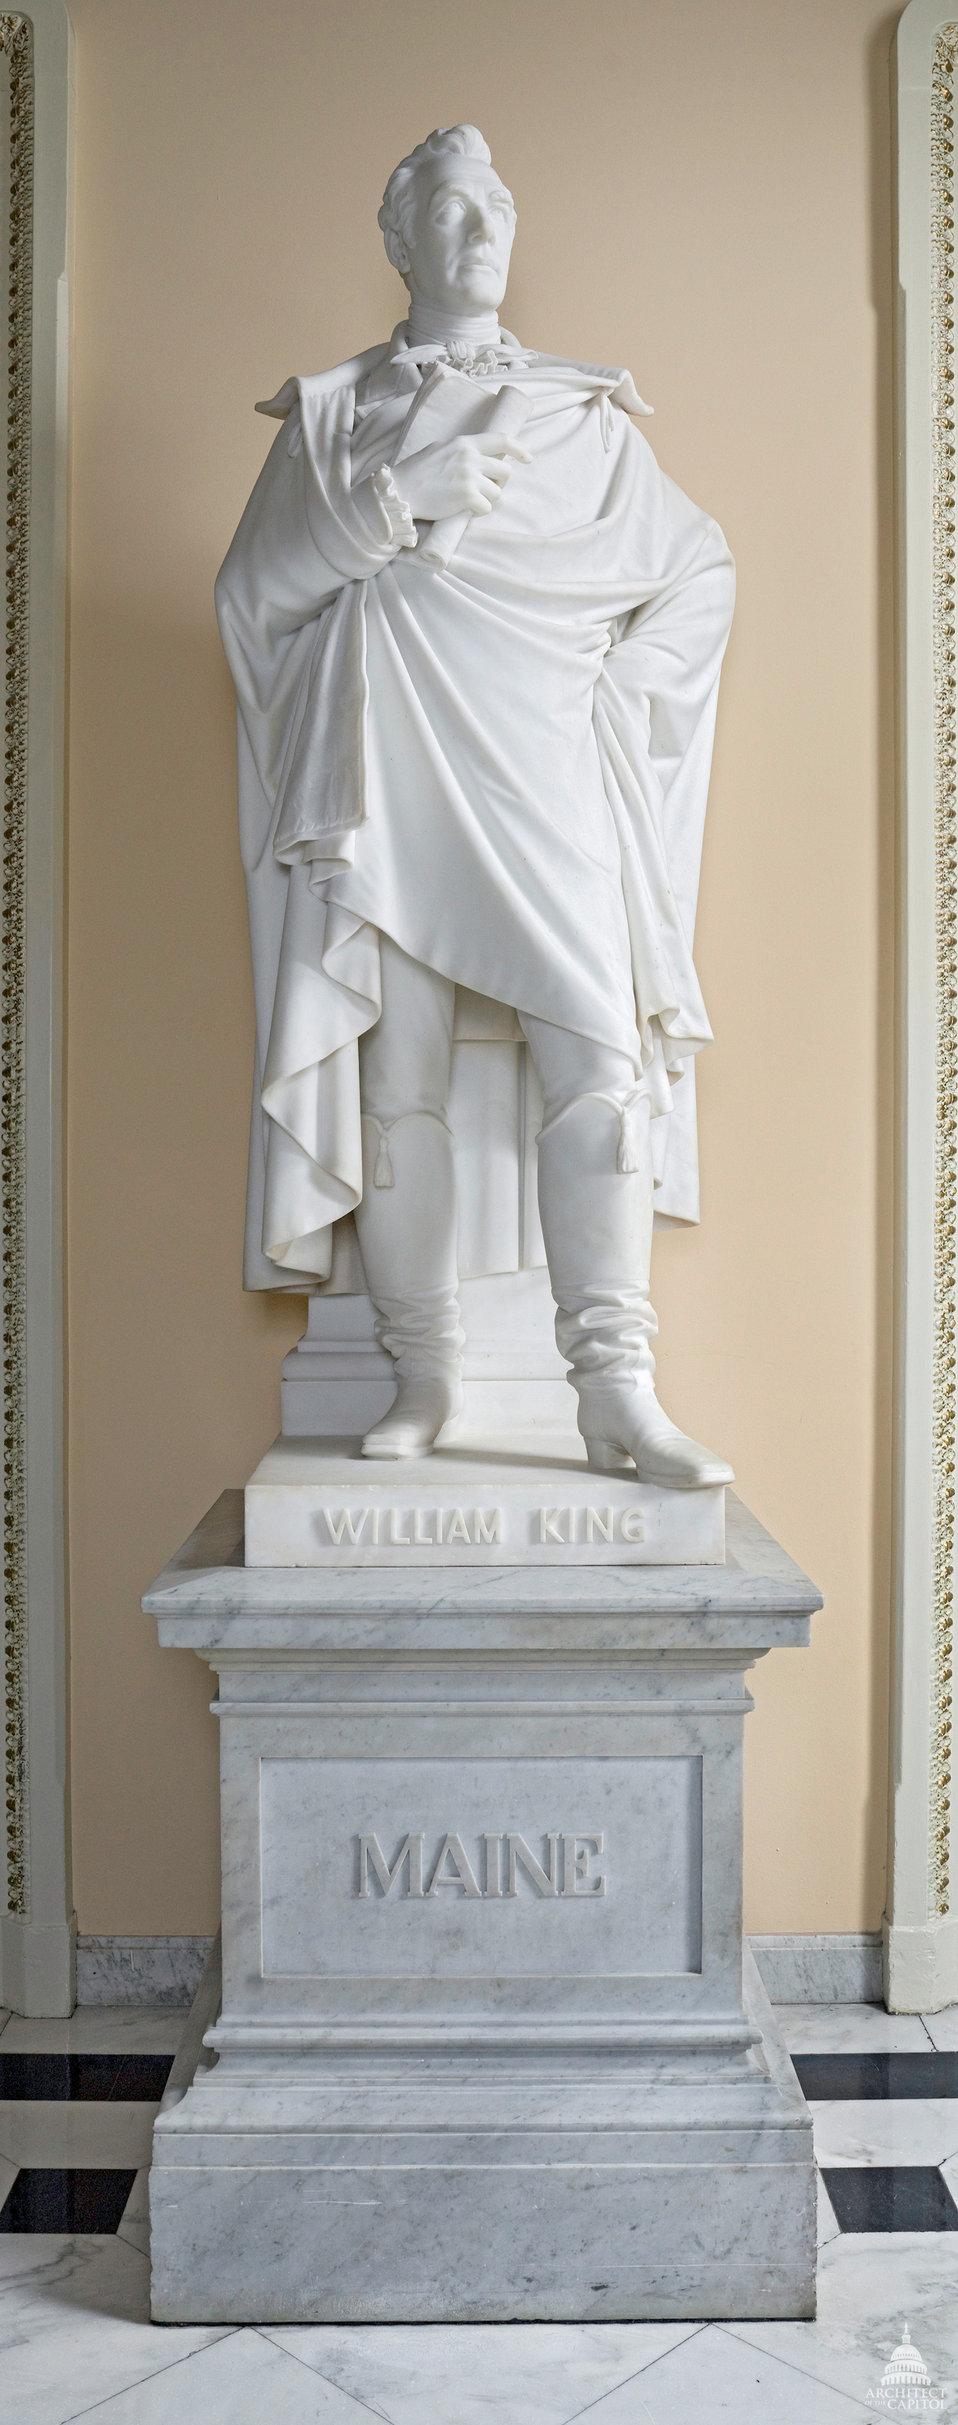 William King Statue